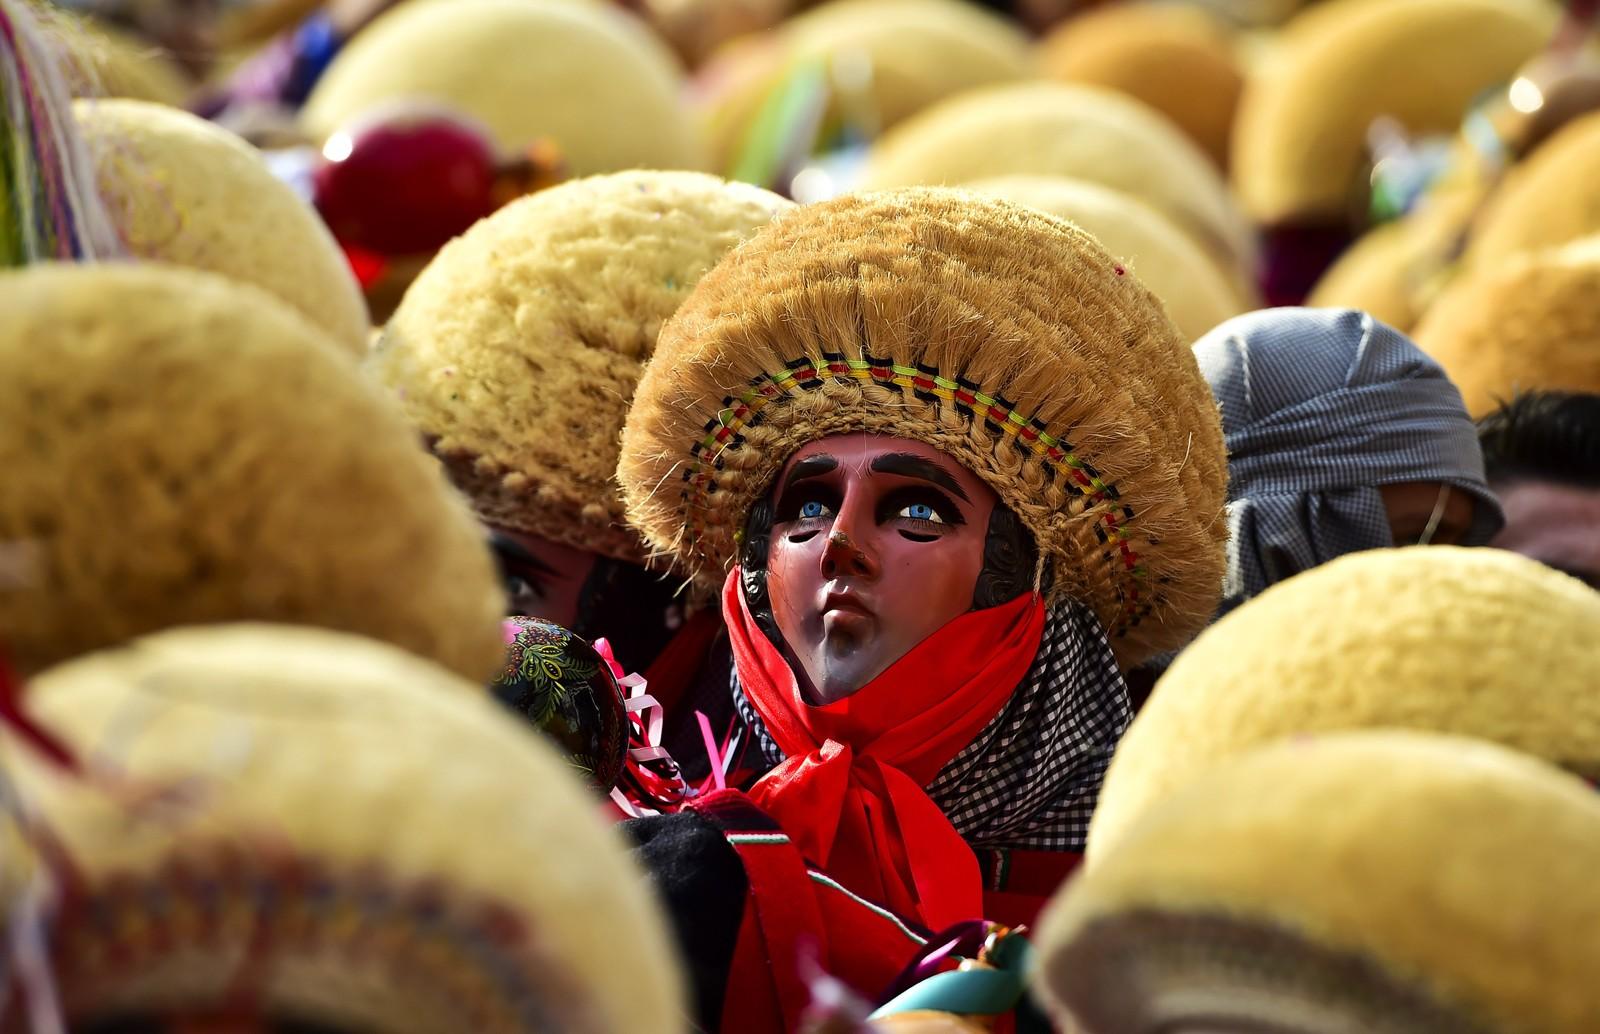 Denne gjengen børster støv av maskene sine for å feire «Parachicos» i Chiapa de Corzo i Mexico.